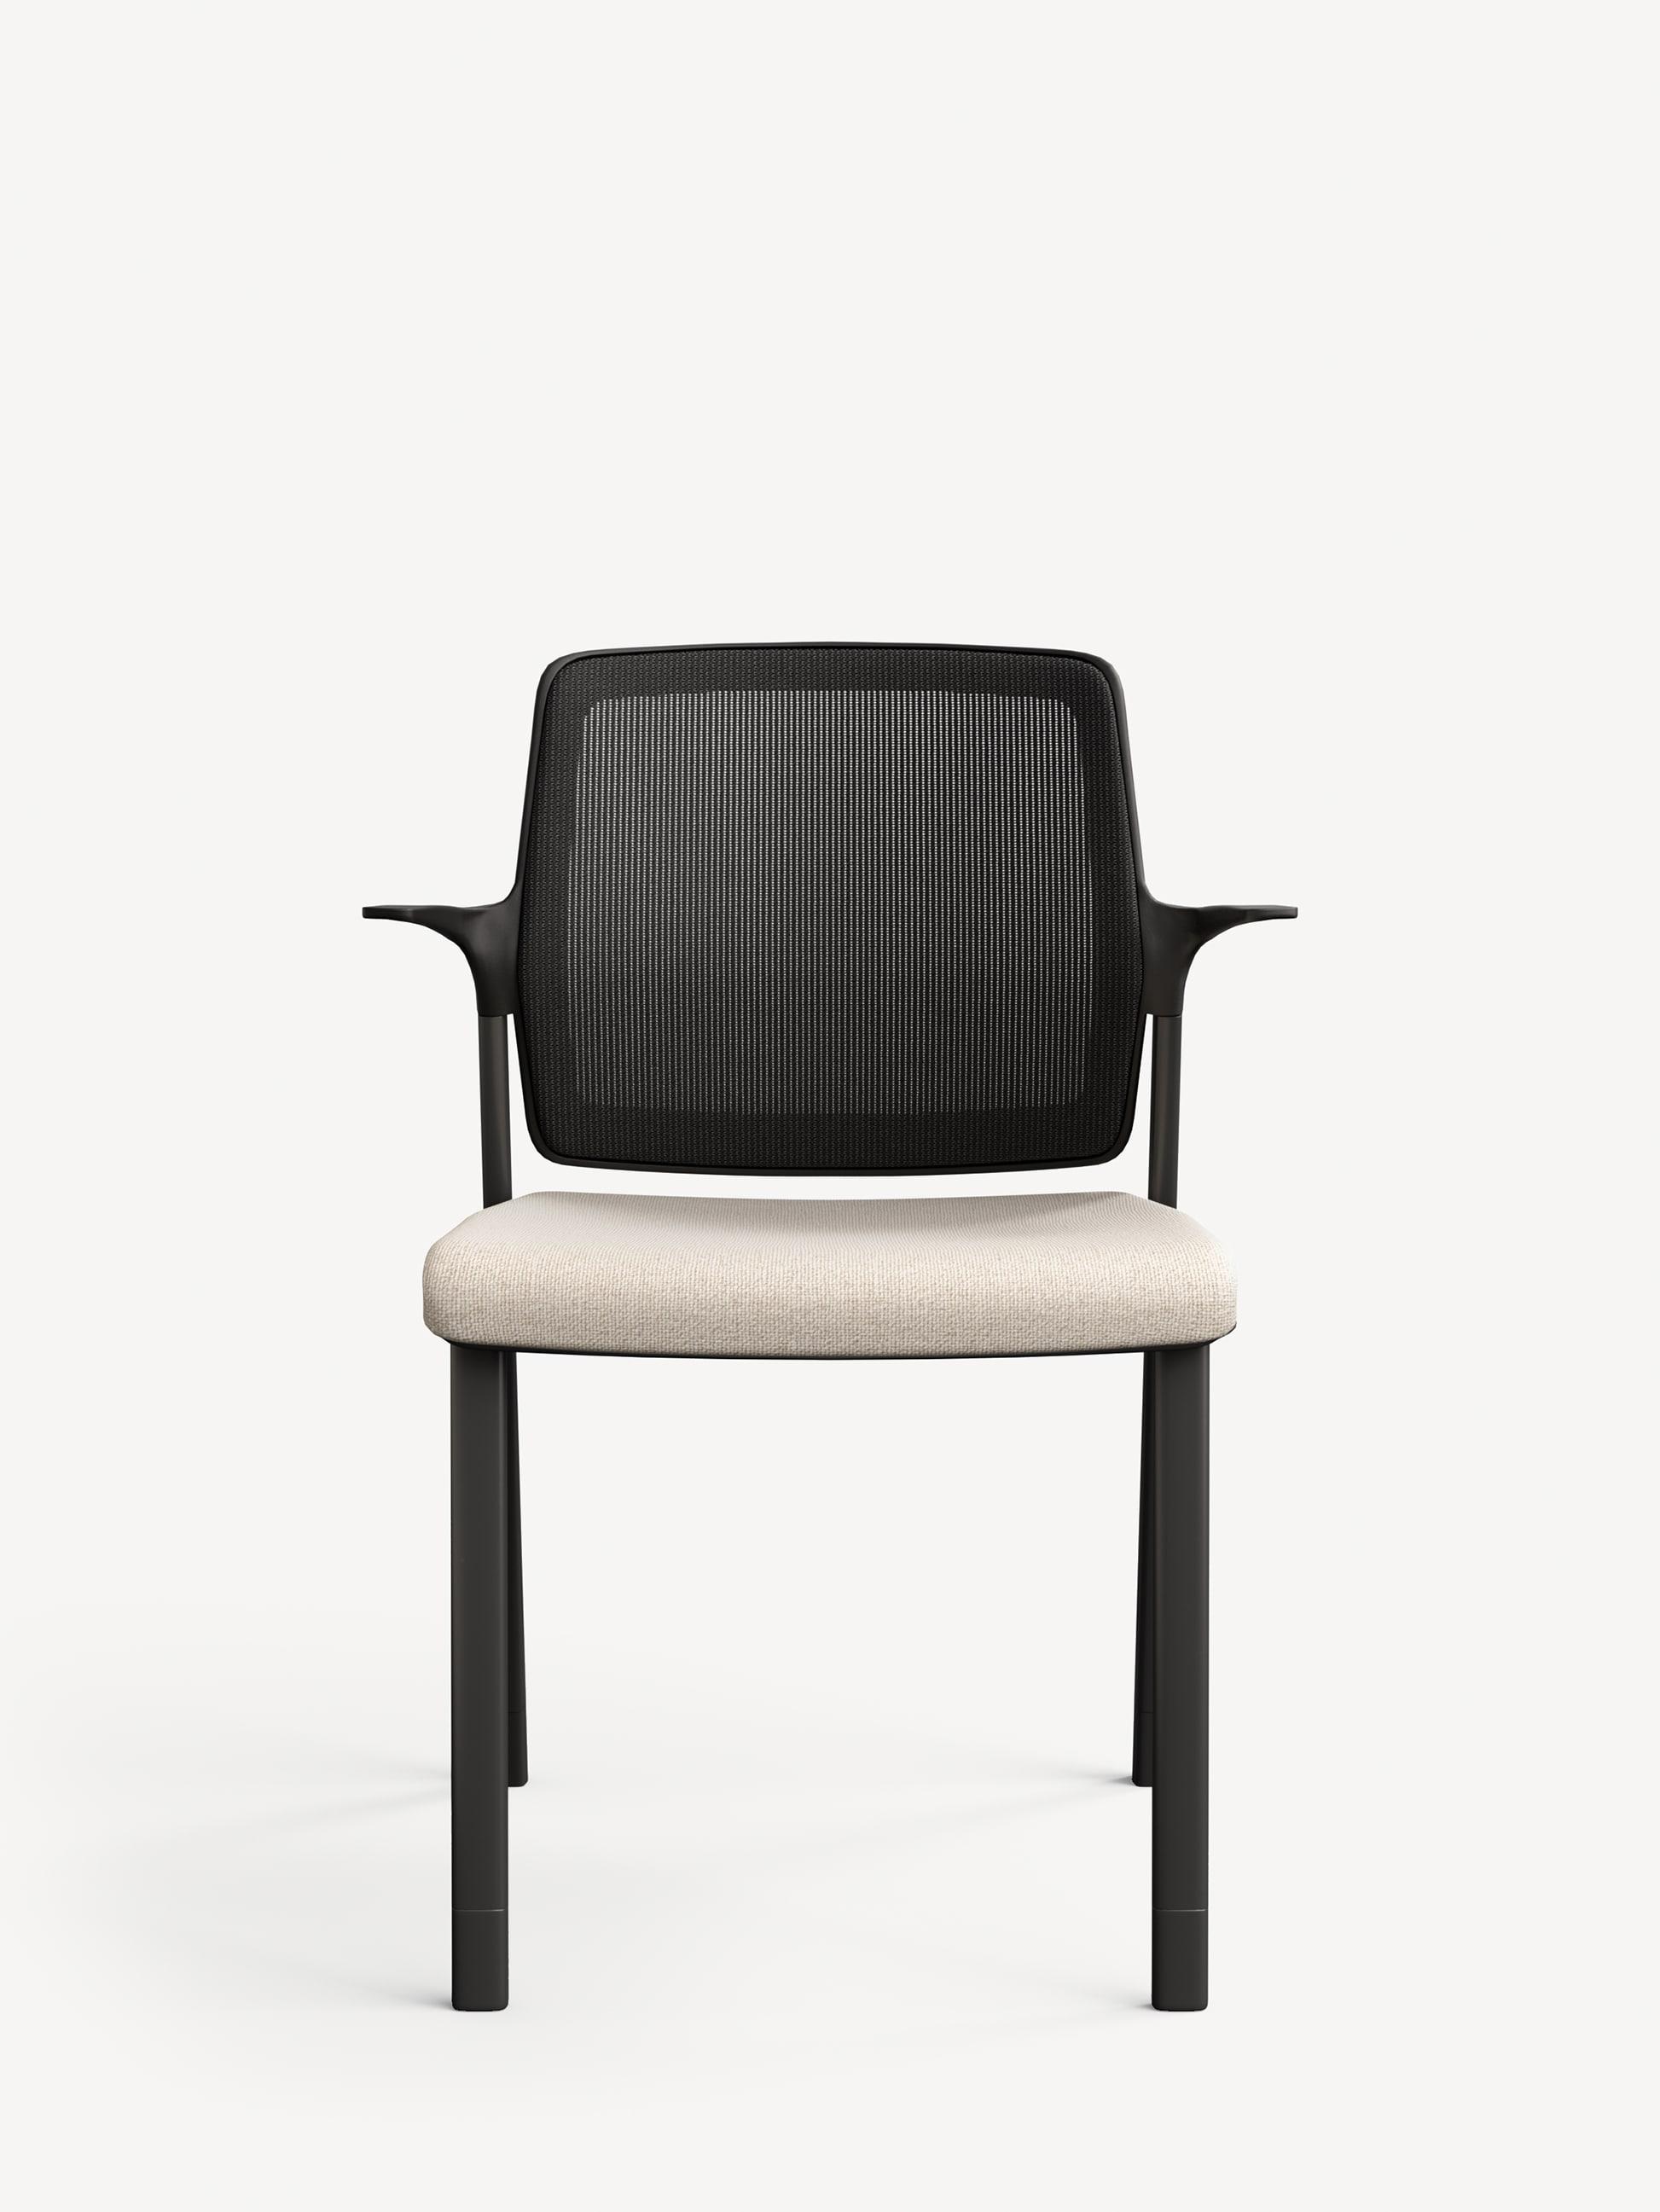 Pr Design Stoelen.Seating Allsteel